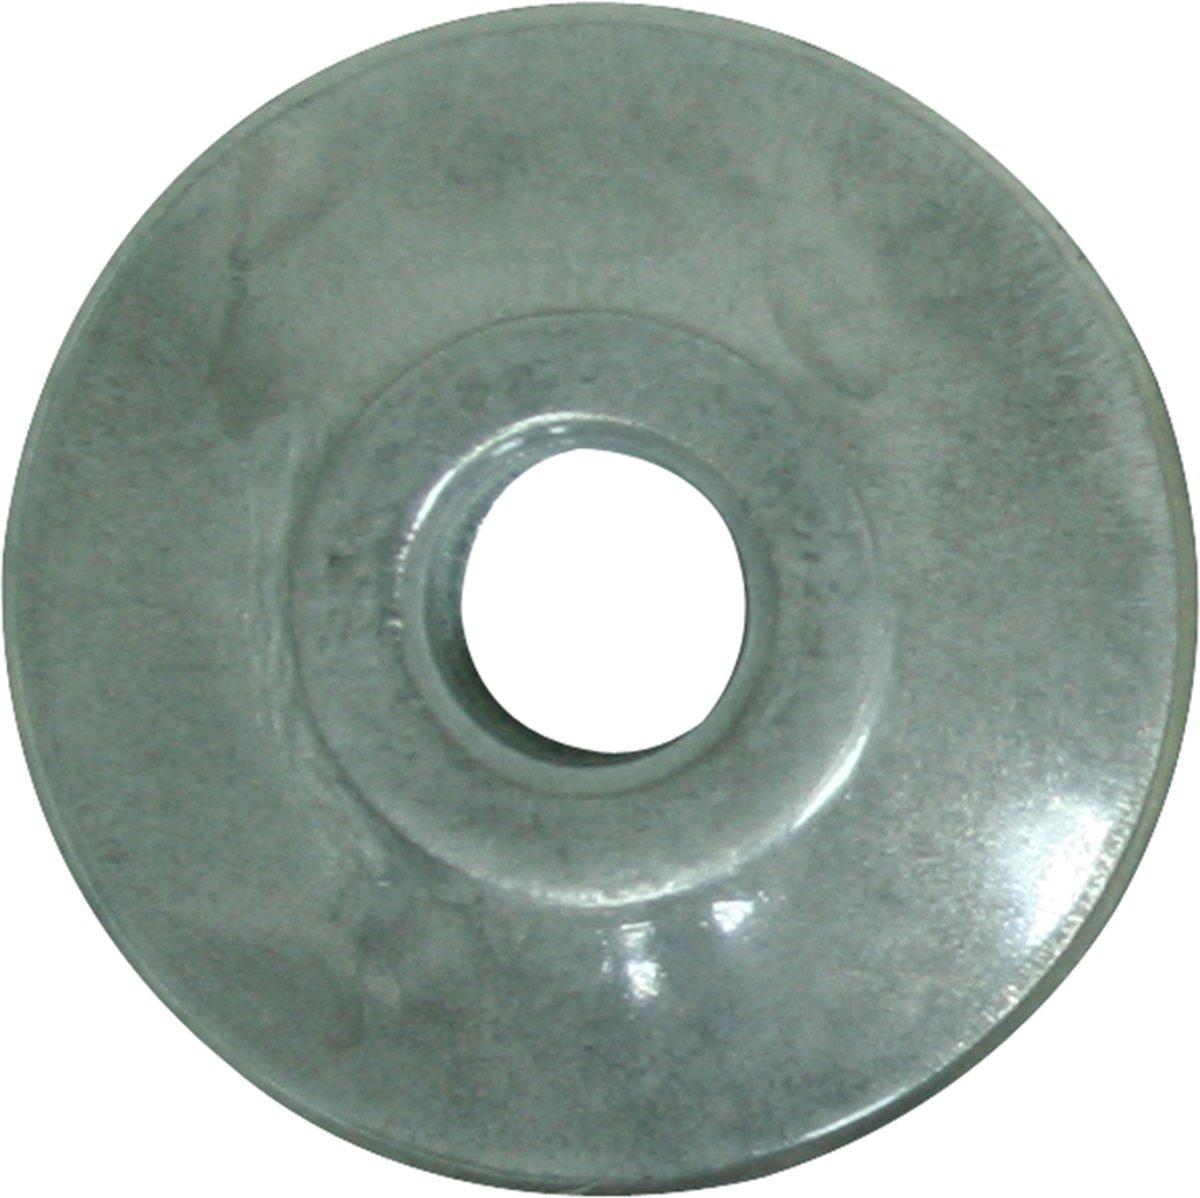 Snijwieltje hm voor Expert - 22 x 6 mm kopen